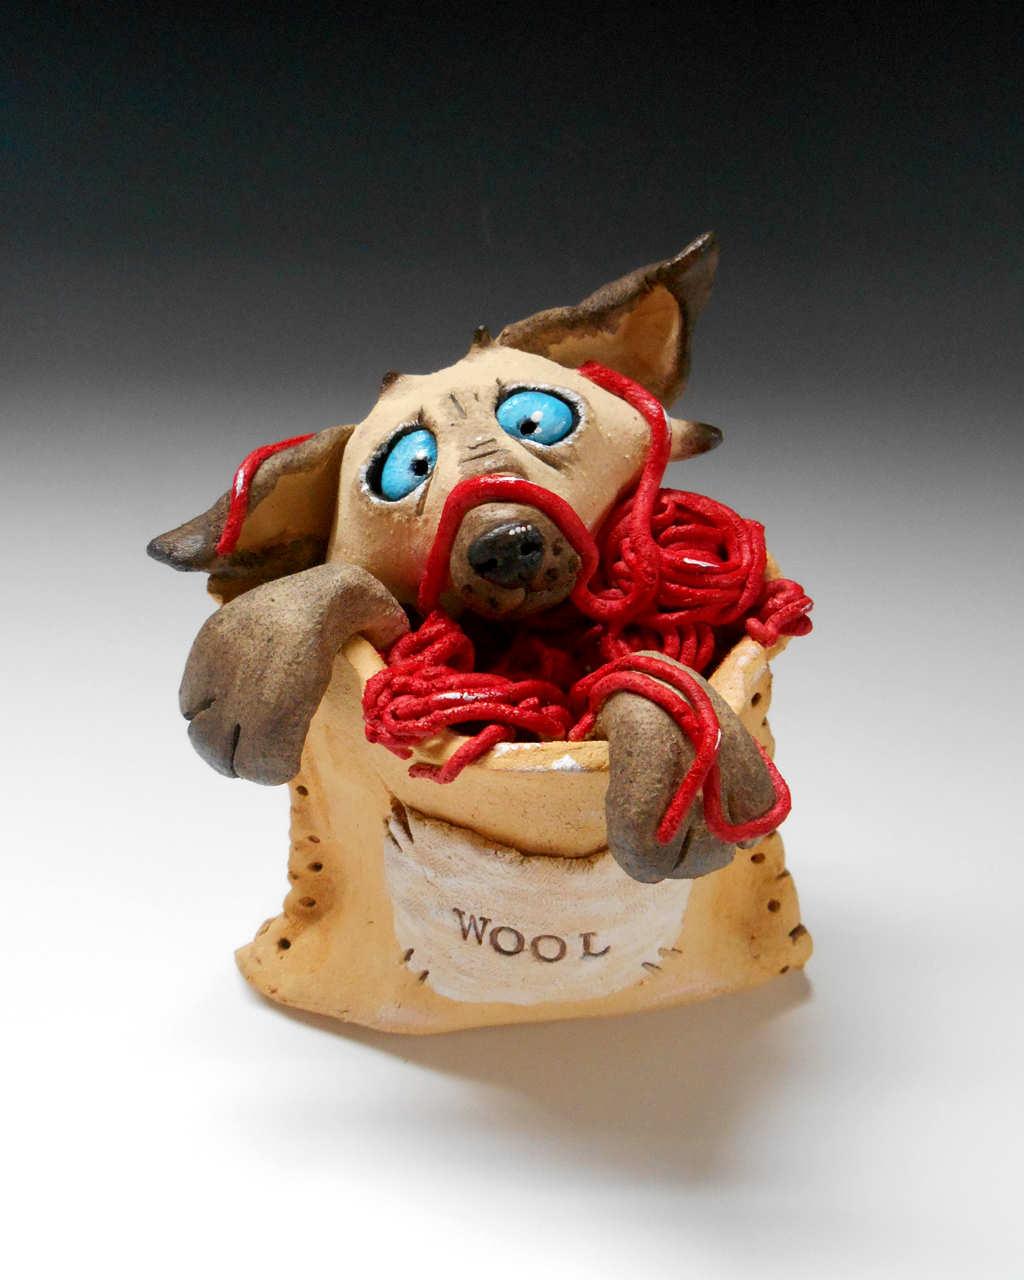 Cat whimsical sculpture ceramic stoneware